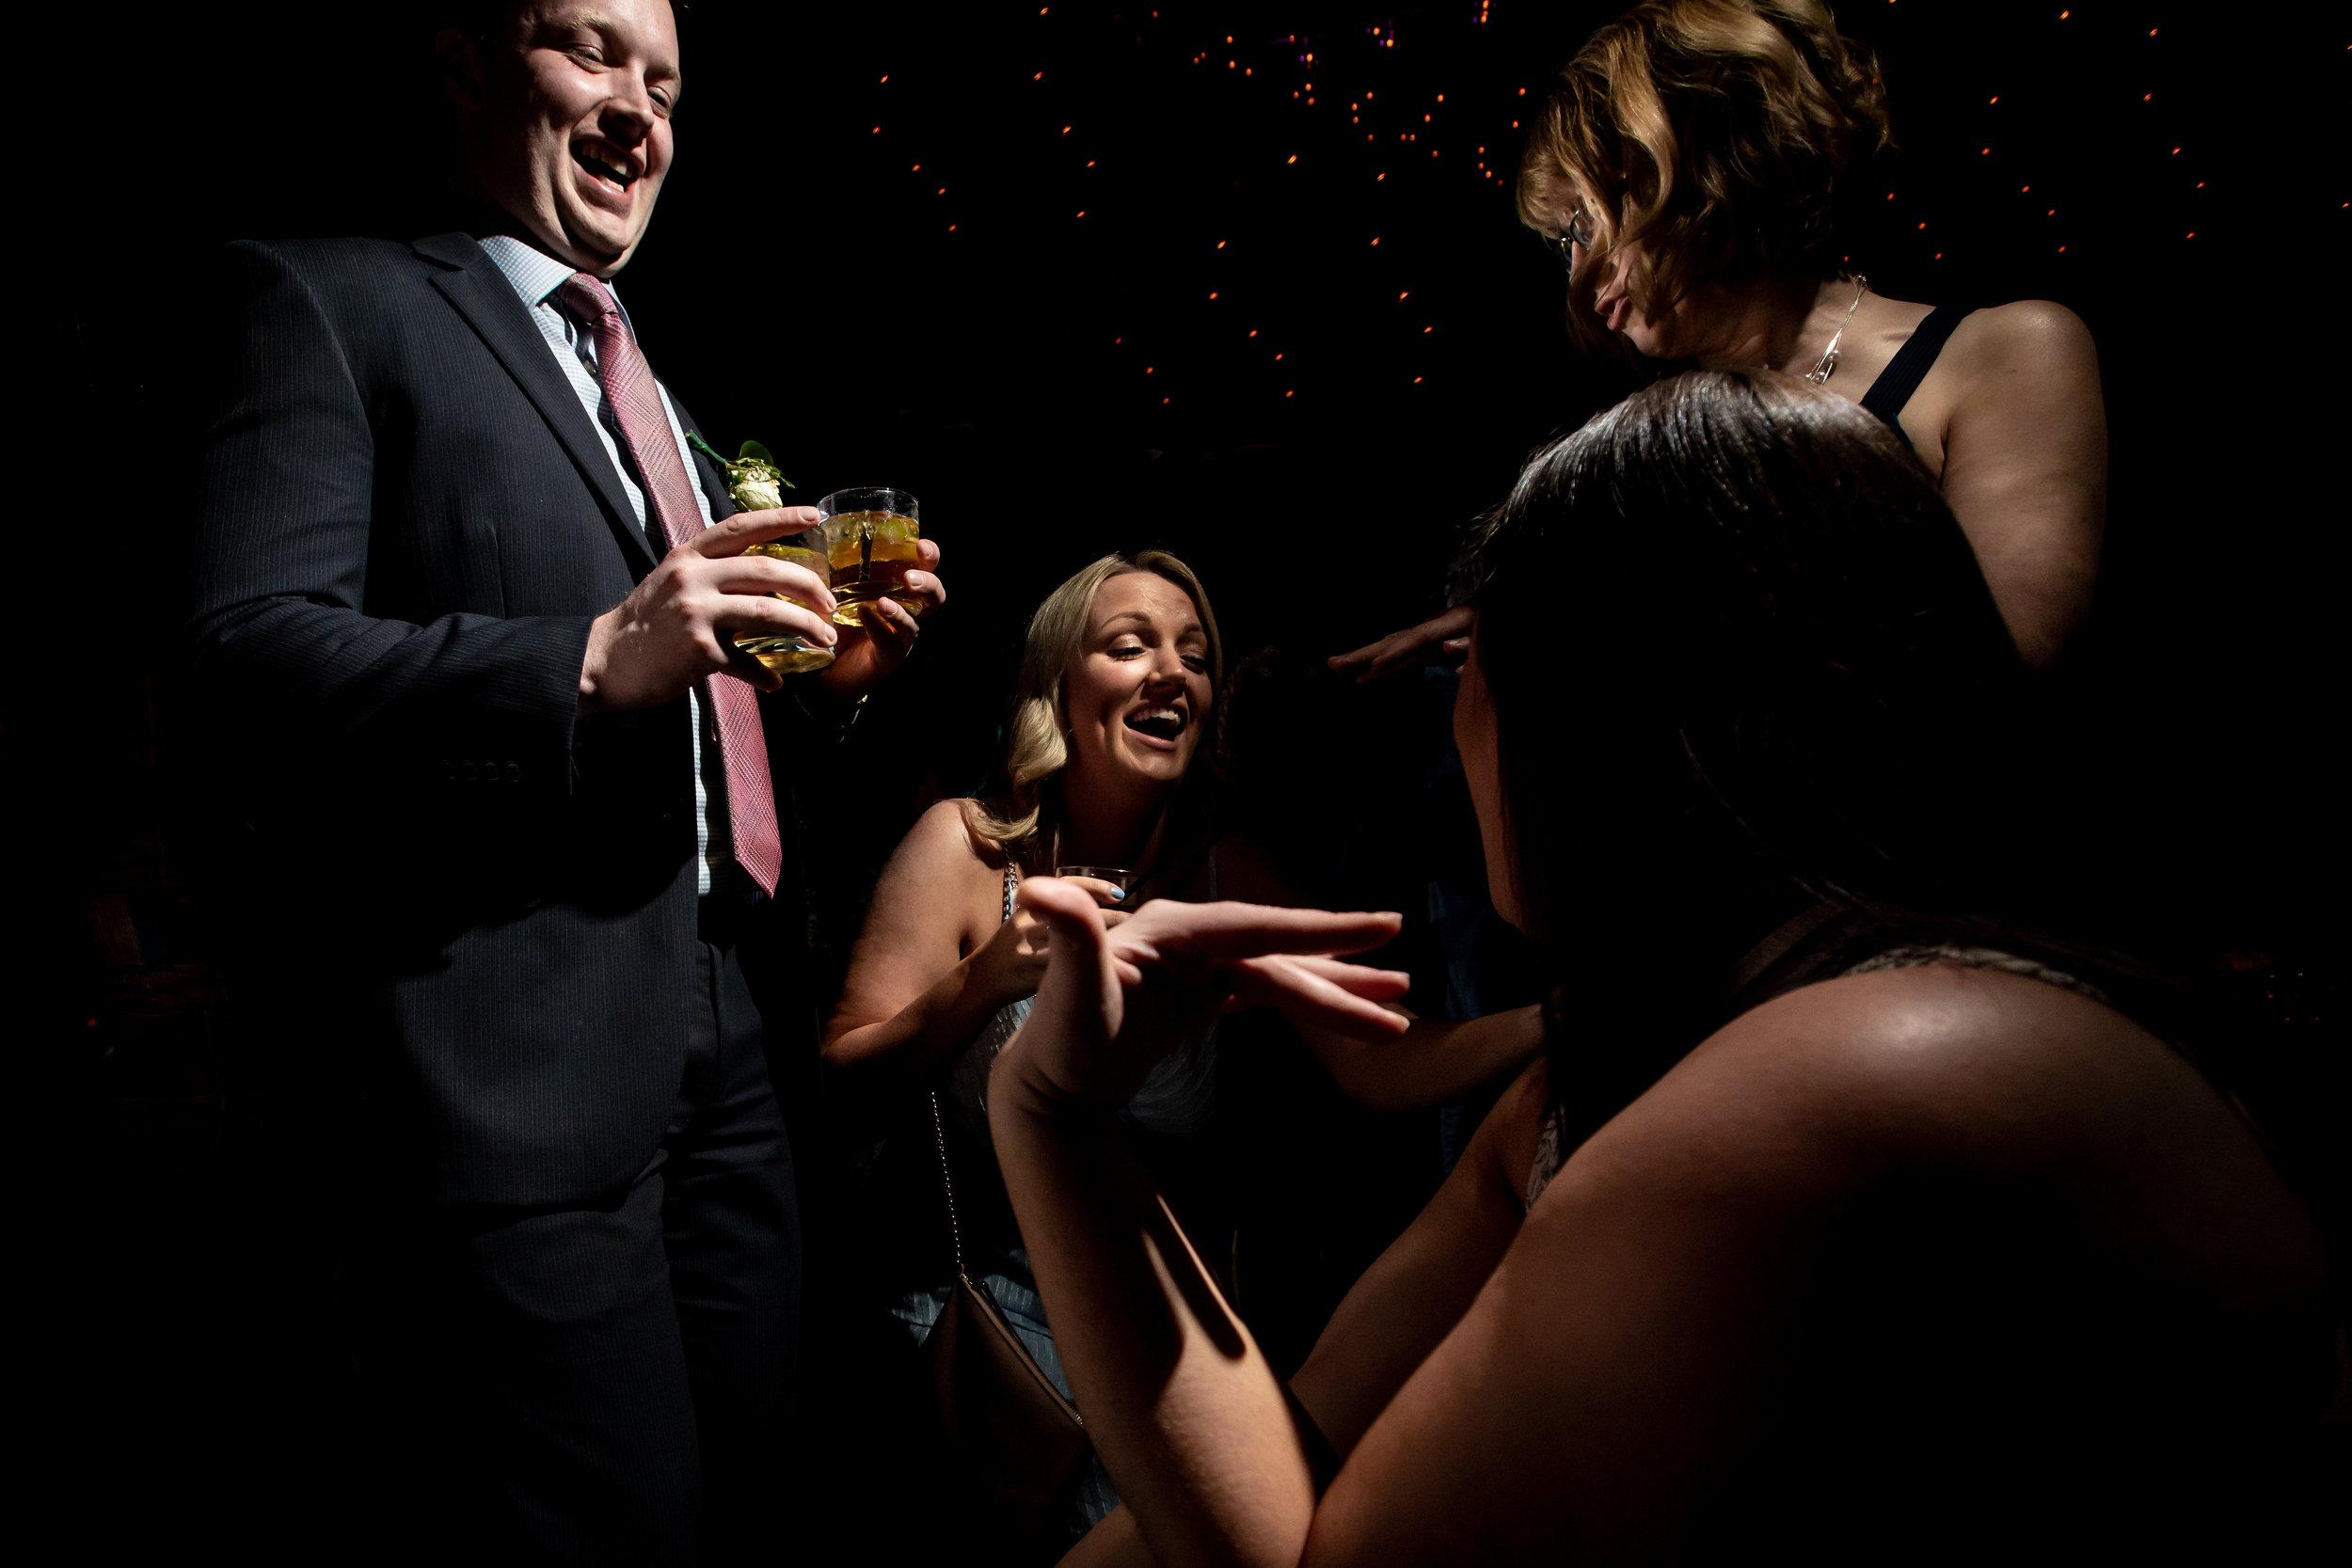 YMG-wedding-photos-64.jpg